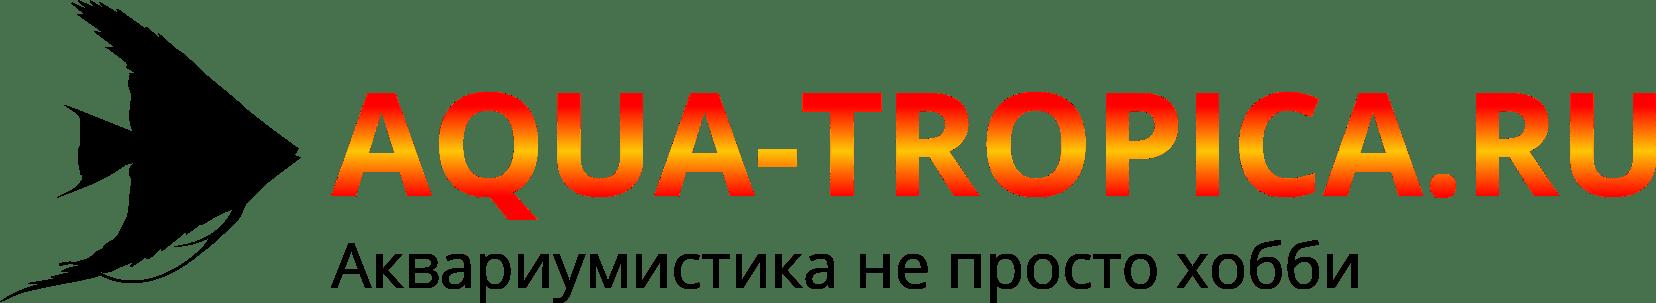 aqua-tropica.ru